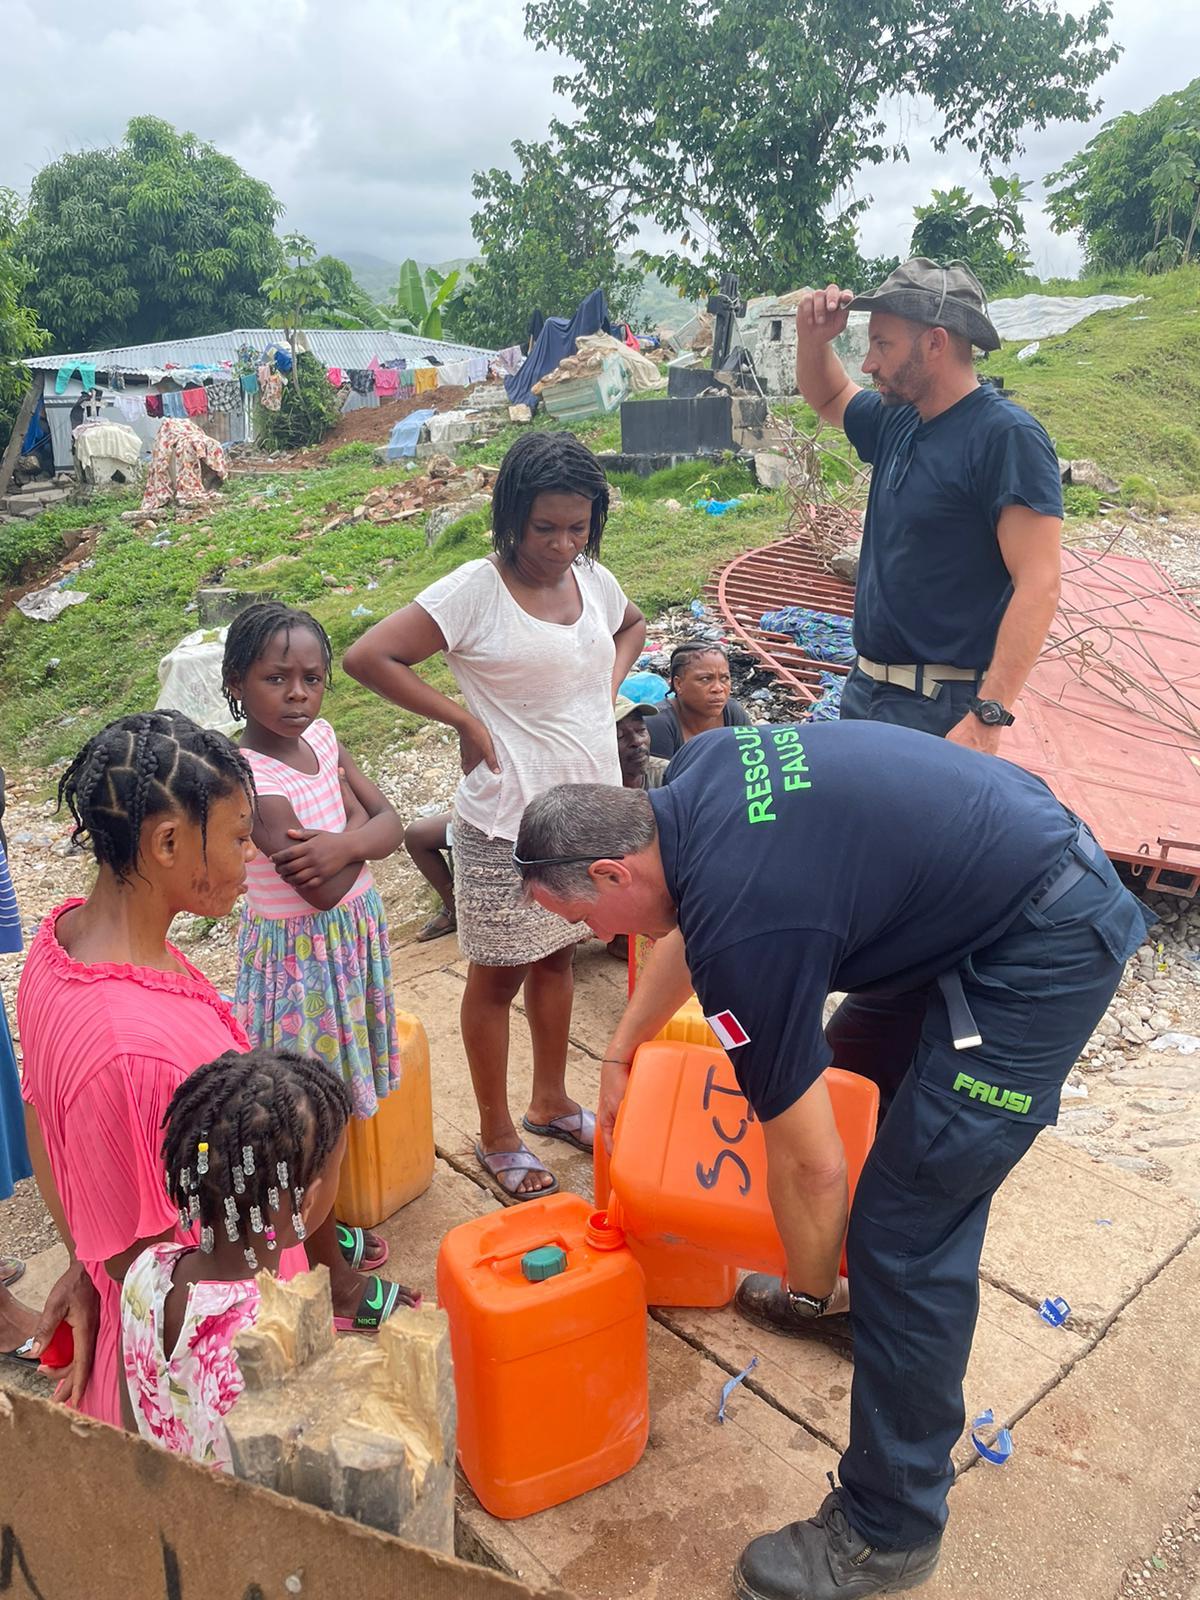 Soutien à la population, Haïti août 2021